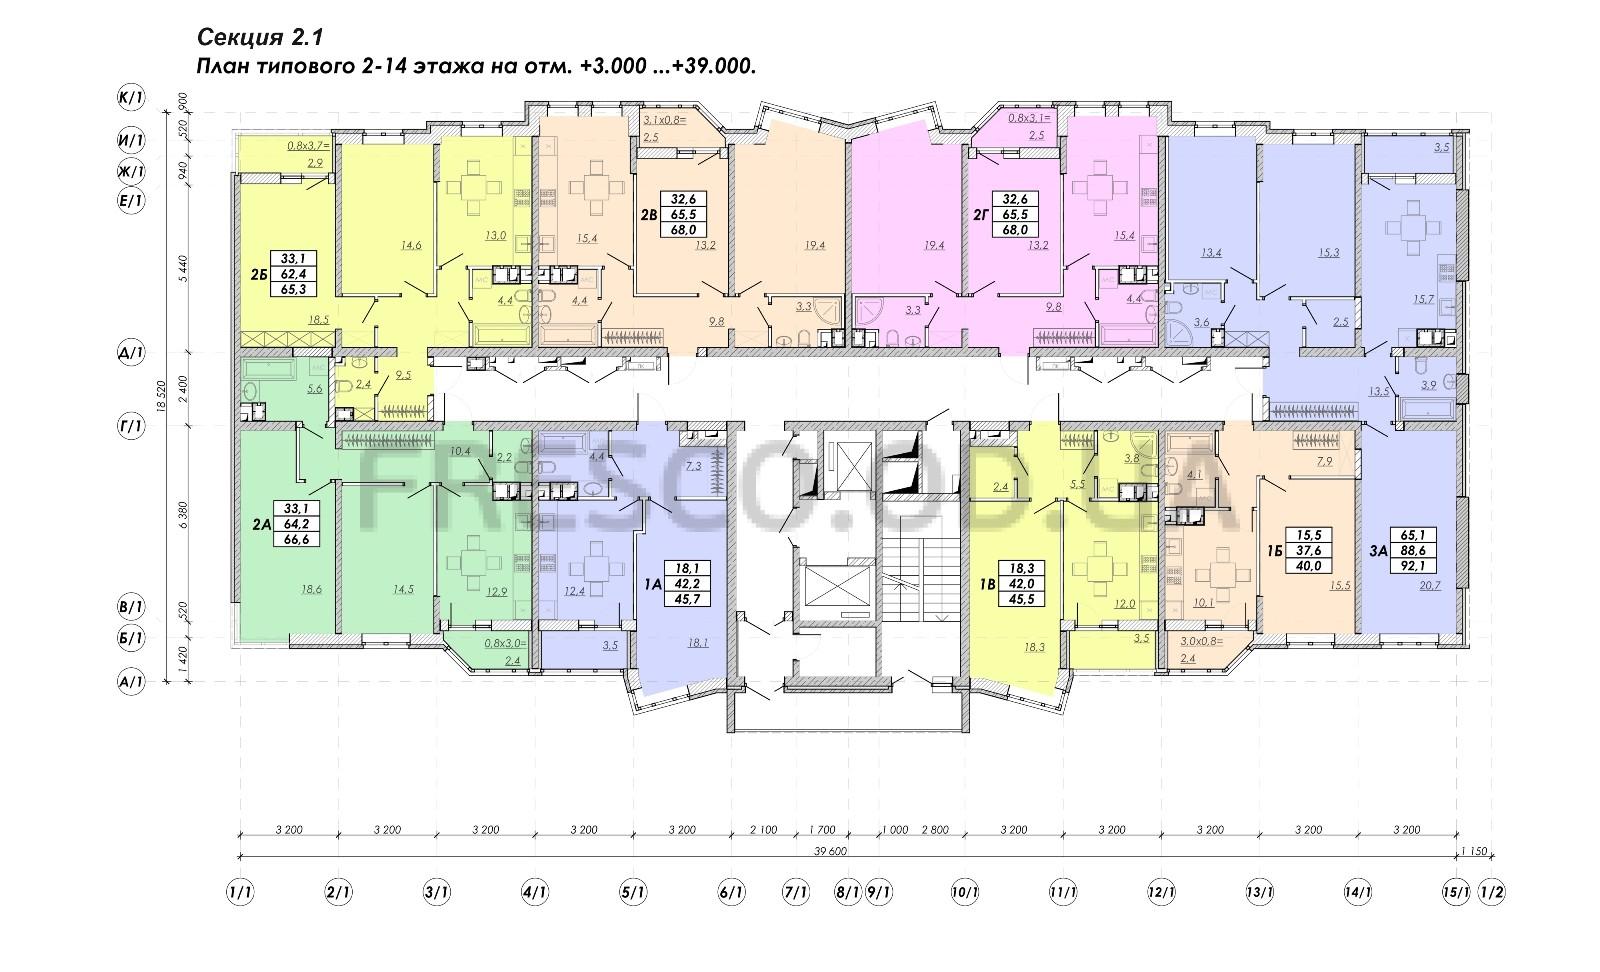 ЖК Прохоровский квартал секция 2.1 план 2-14 этажа